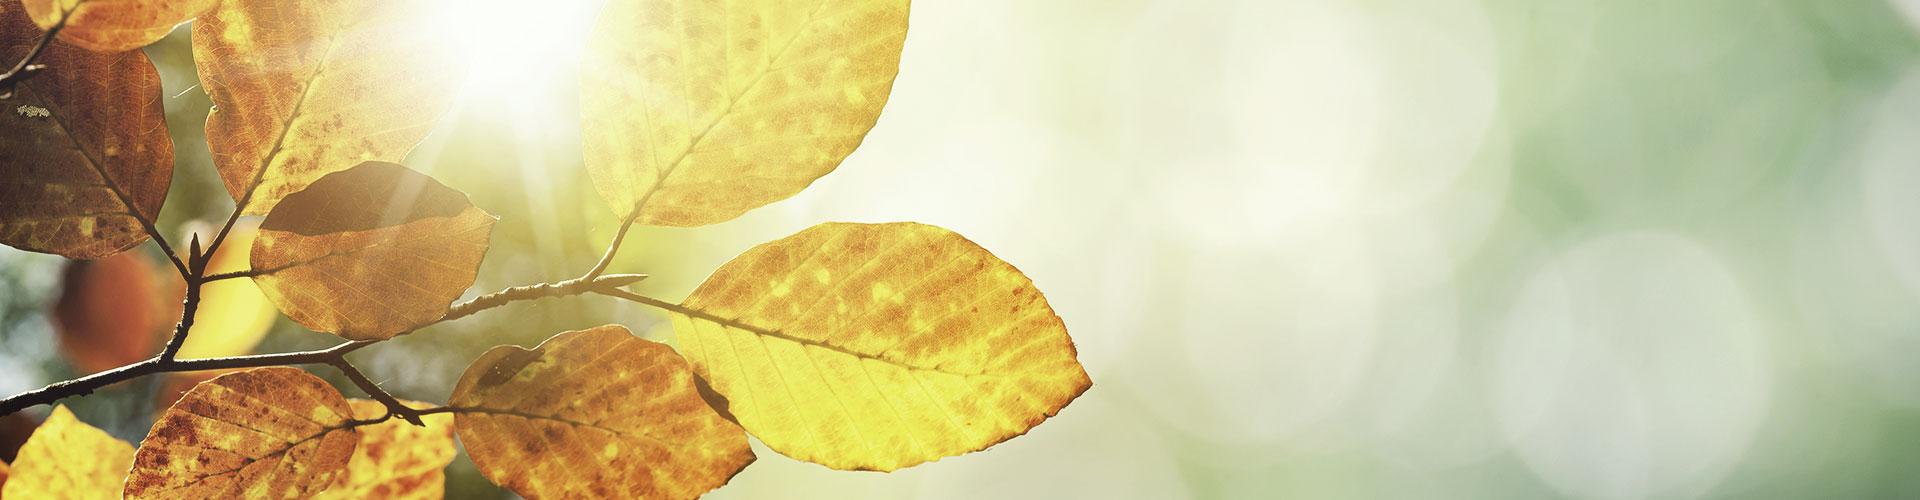 Sonnenstrahlen scheinen durch transparentes Herbstlaub